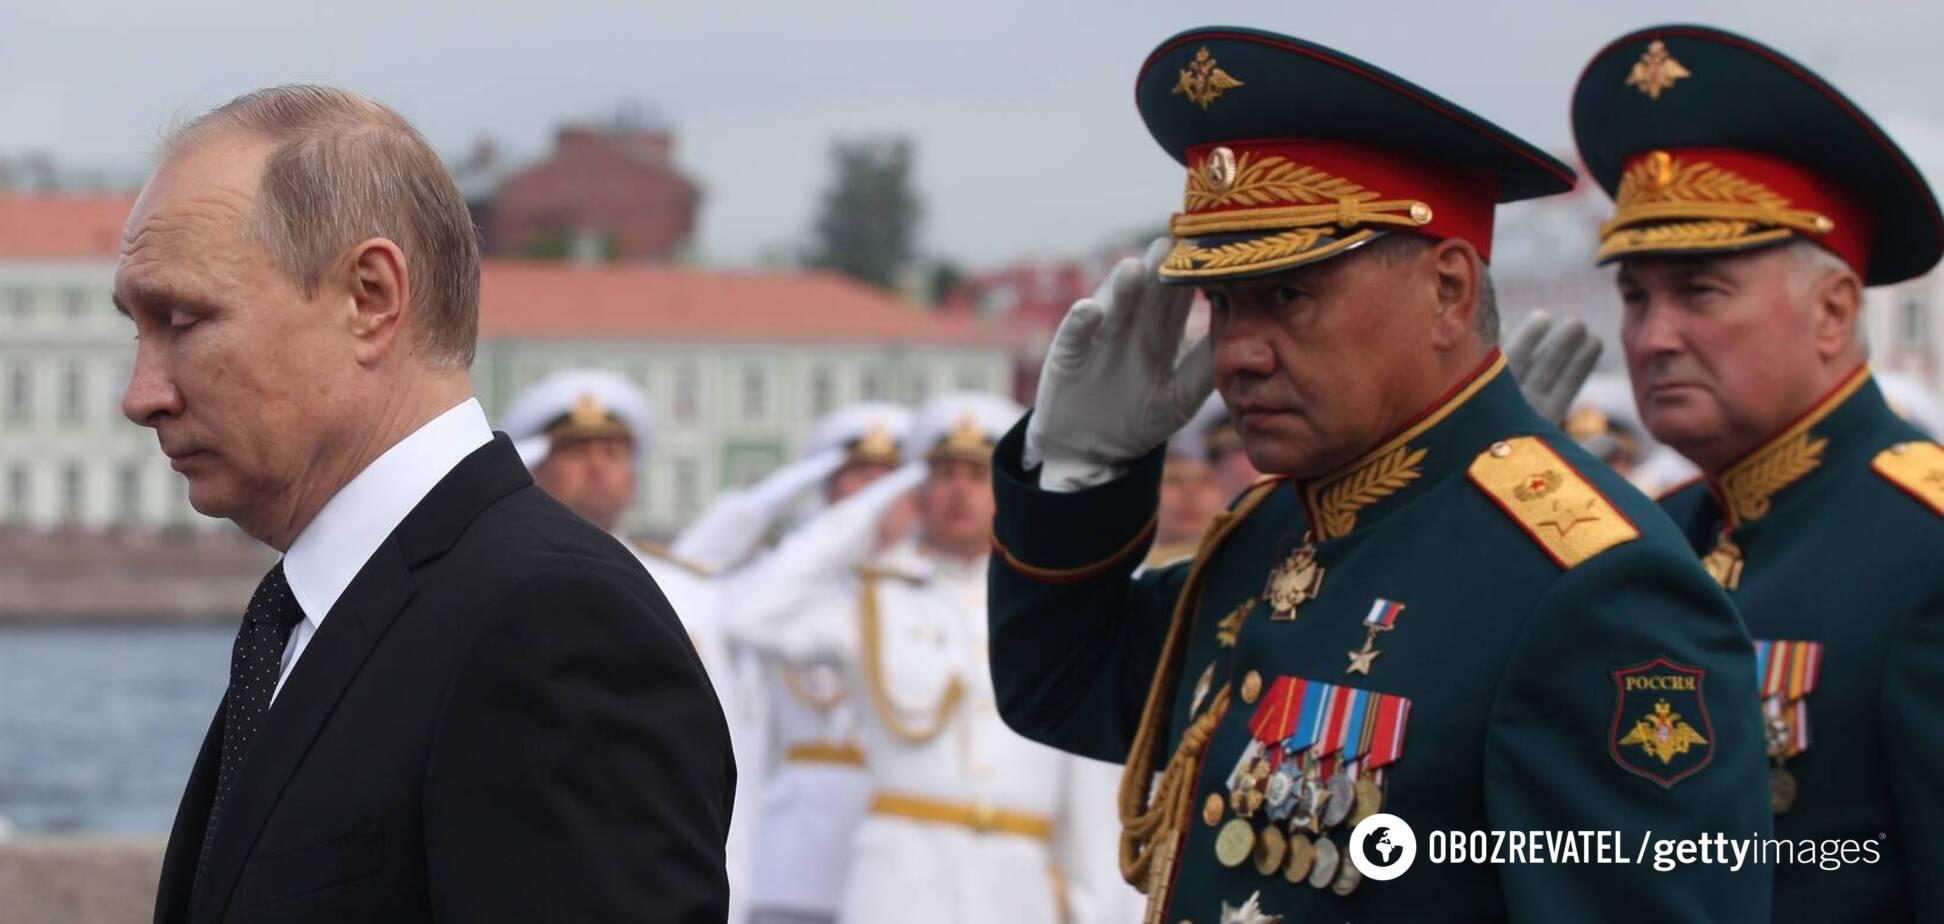 Допоки Путін у Кремлі, проти України йтиме війна, – російський опозиціонер